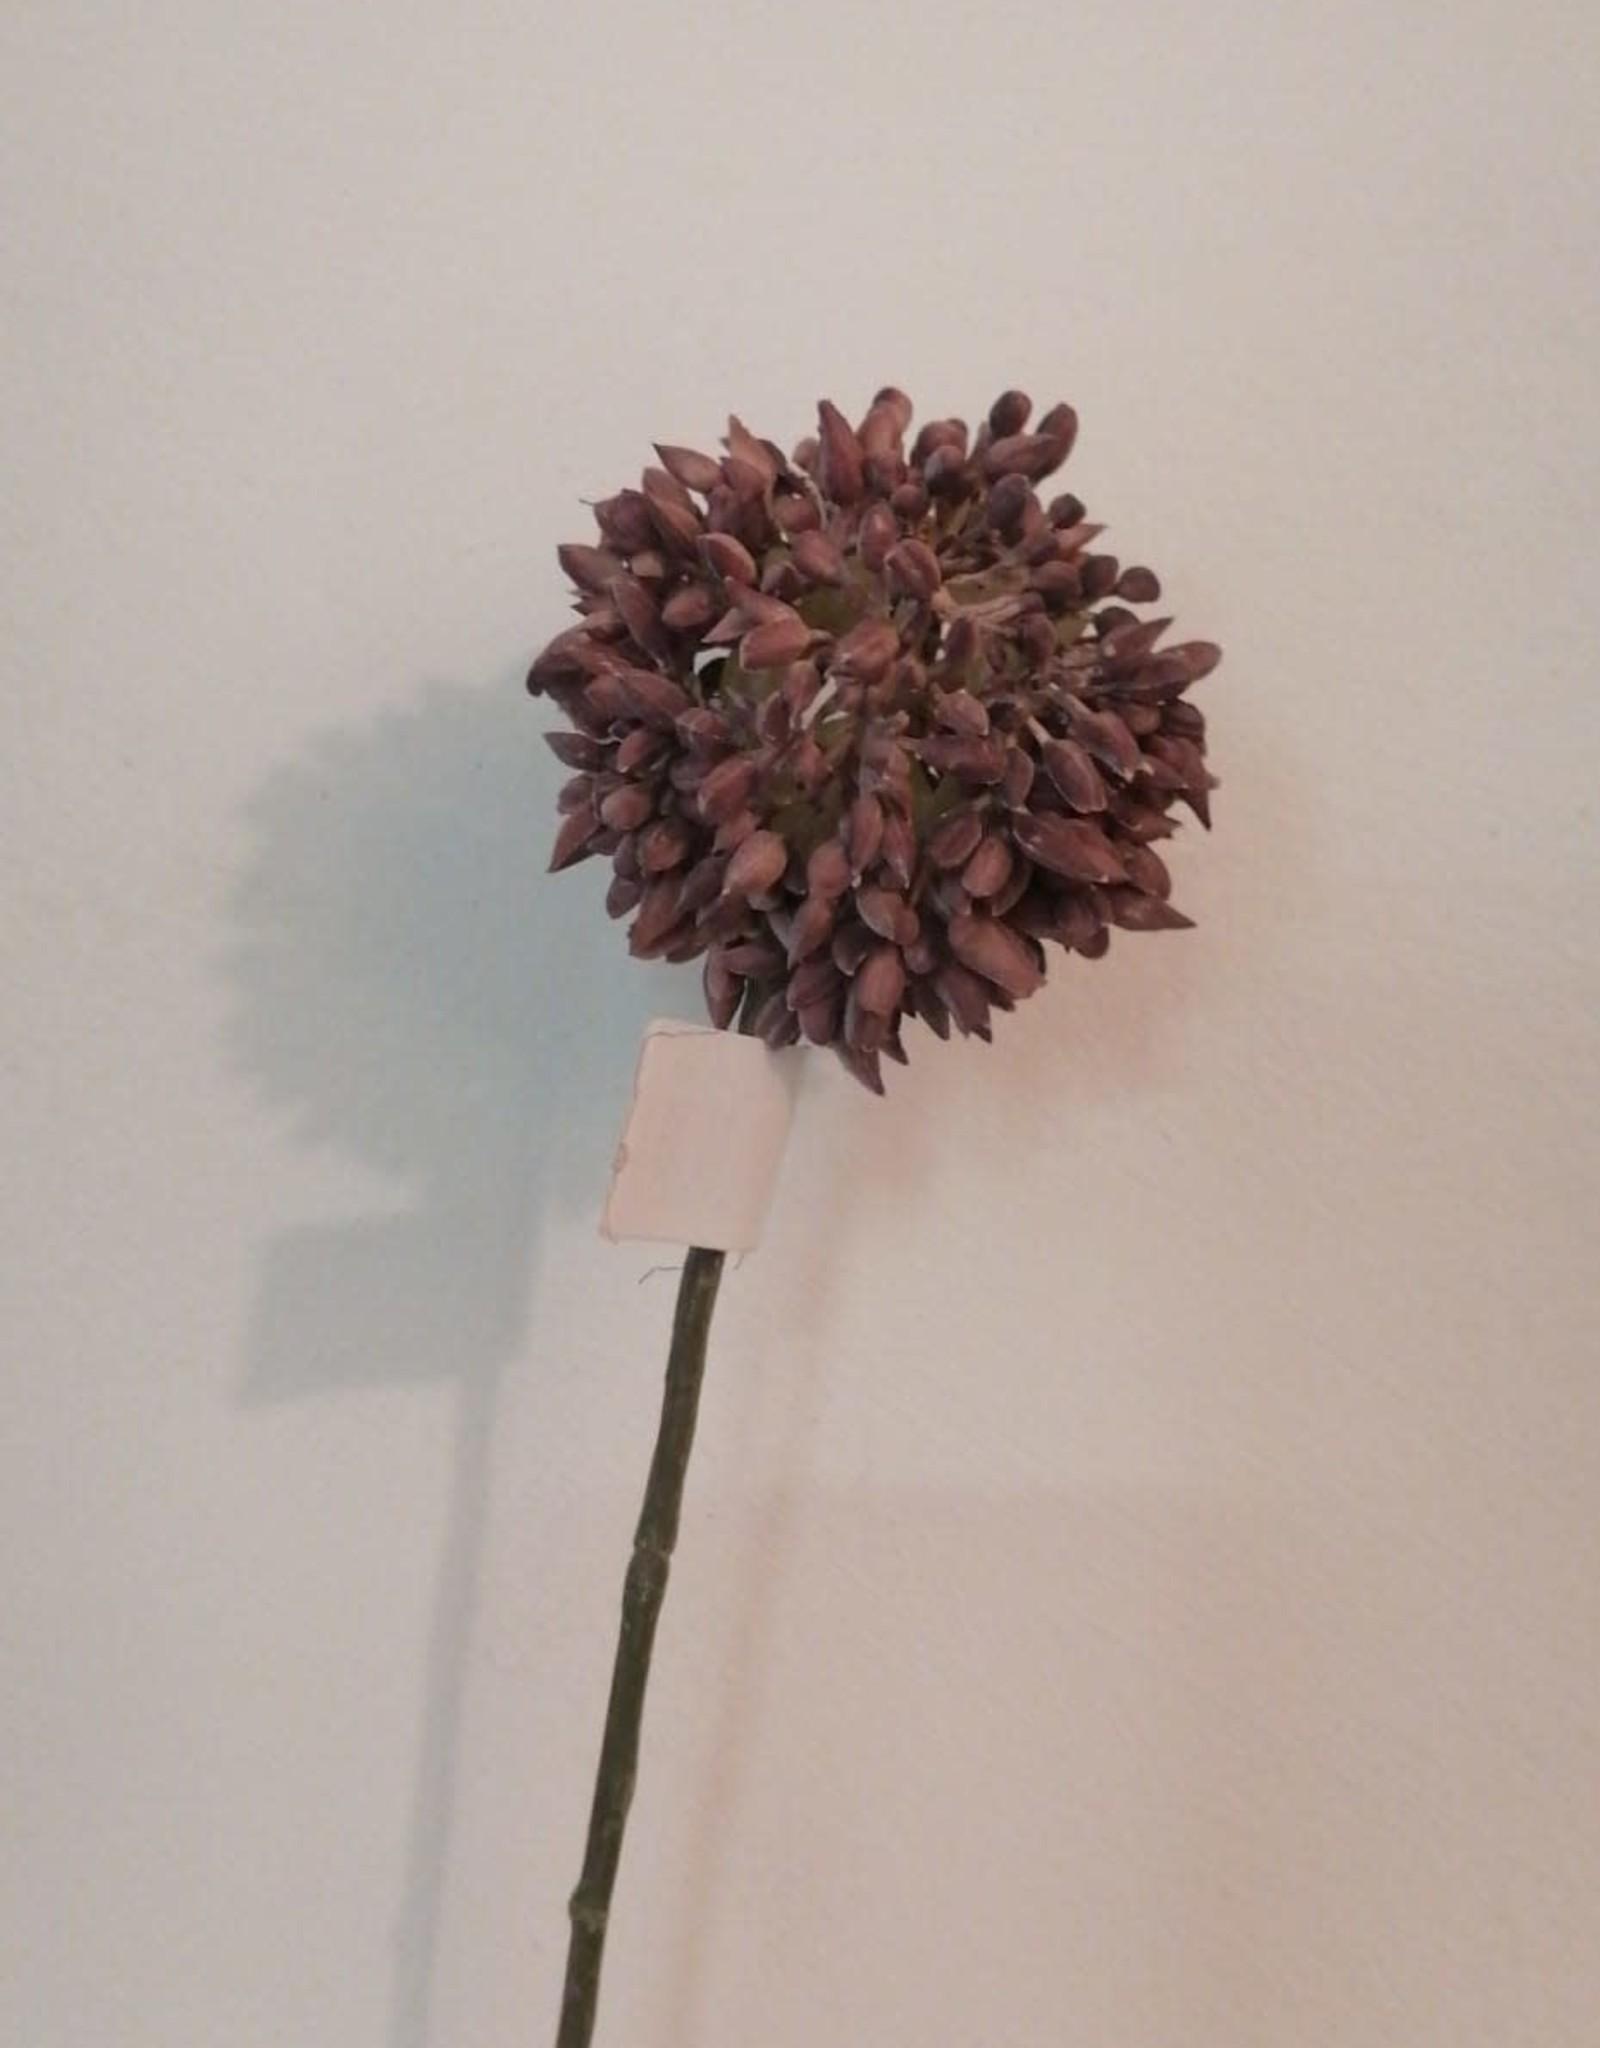 Mr Plant Mr Plant - Allium purple